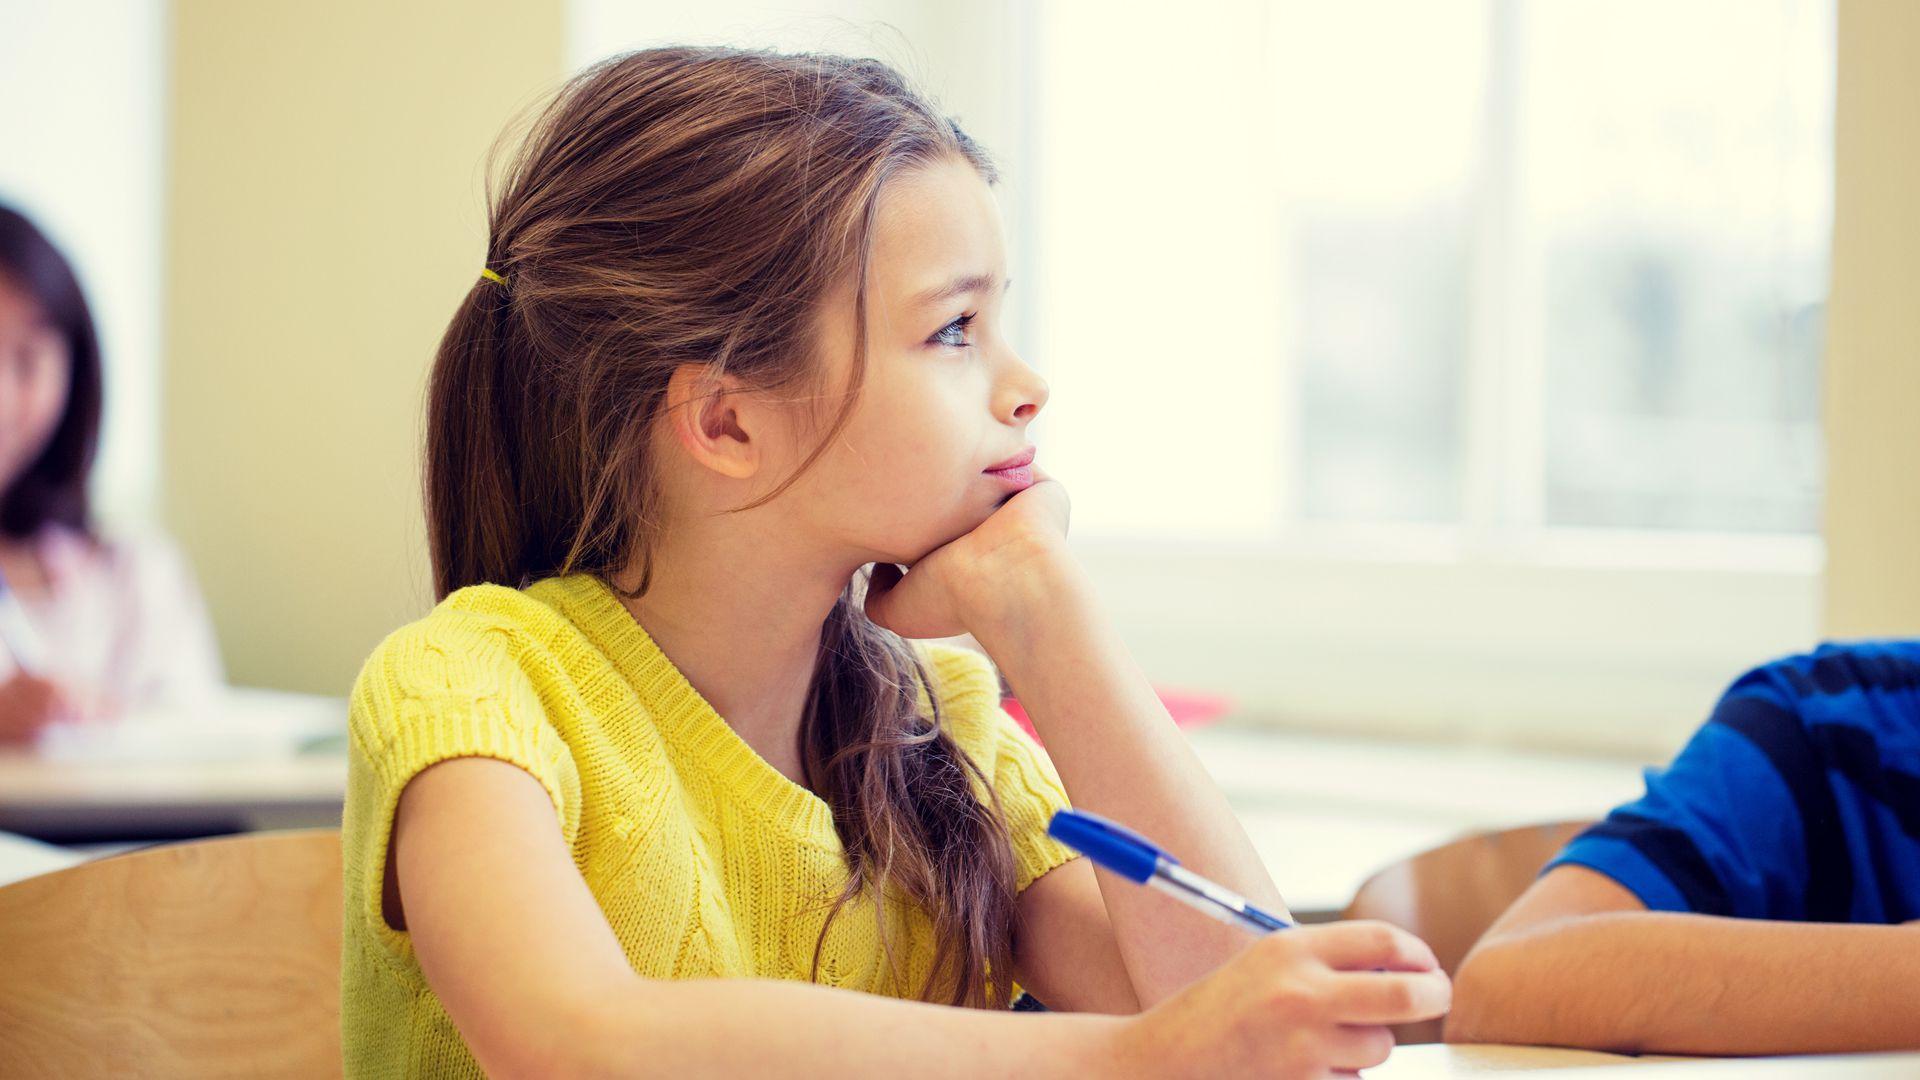 La dificultad de concentración aparece como secuela neurológica frecuente (Getty)